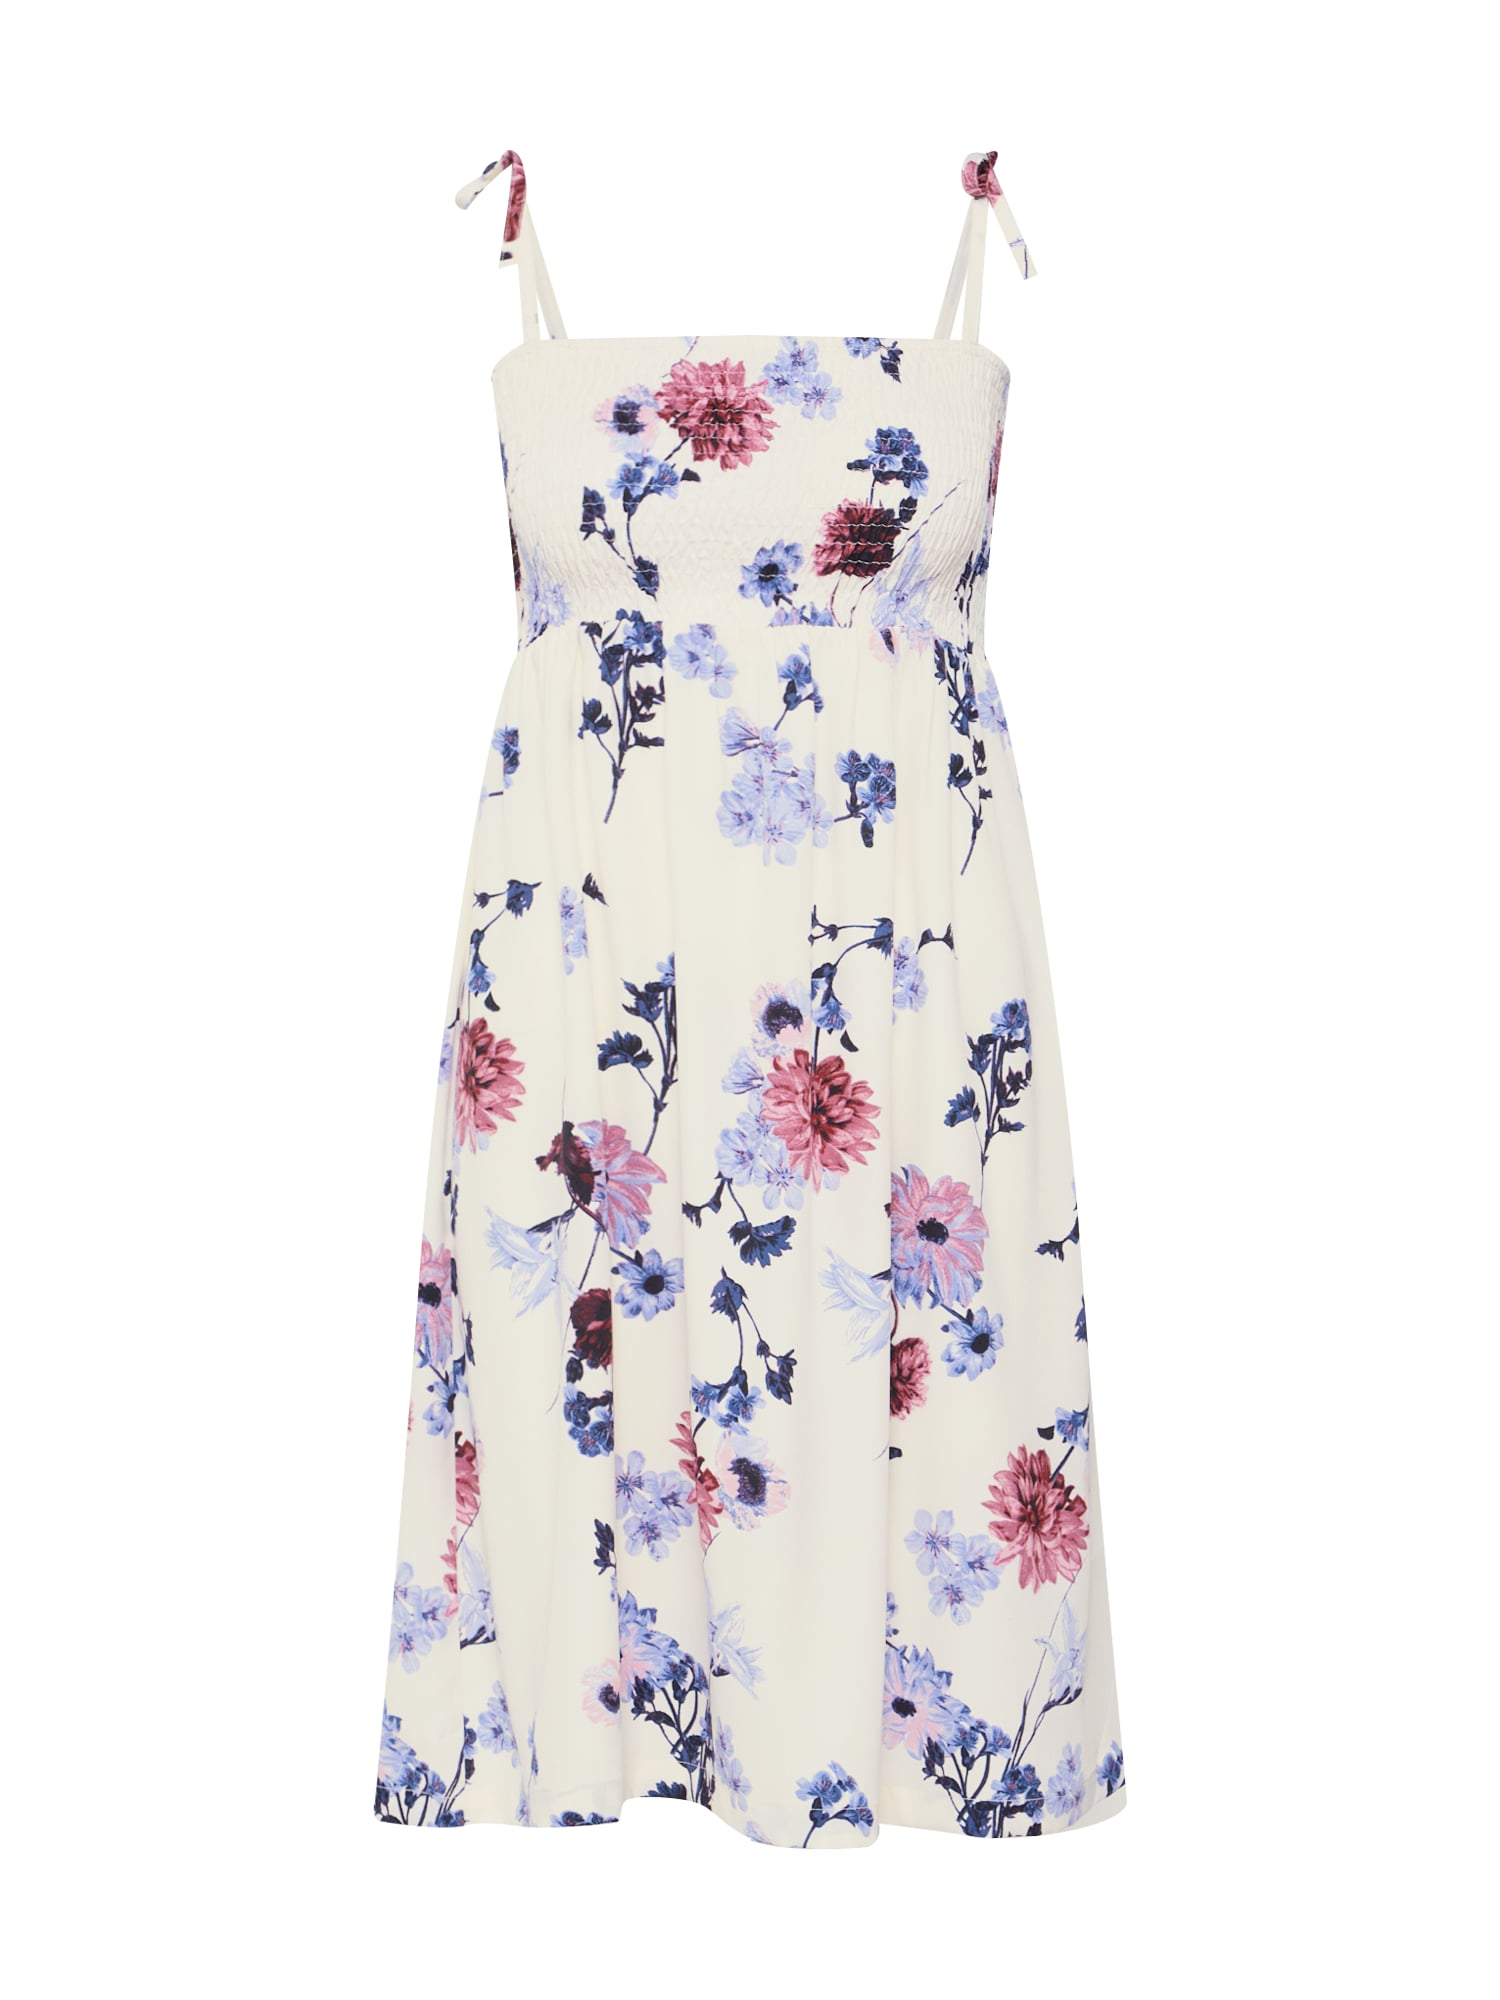 Letní šaty Juliana režná mix barev Desires